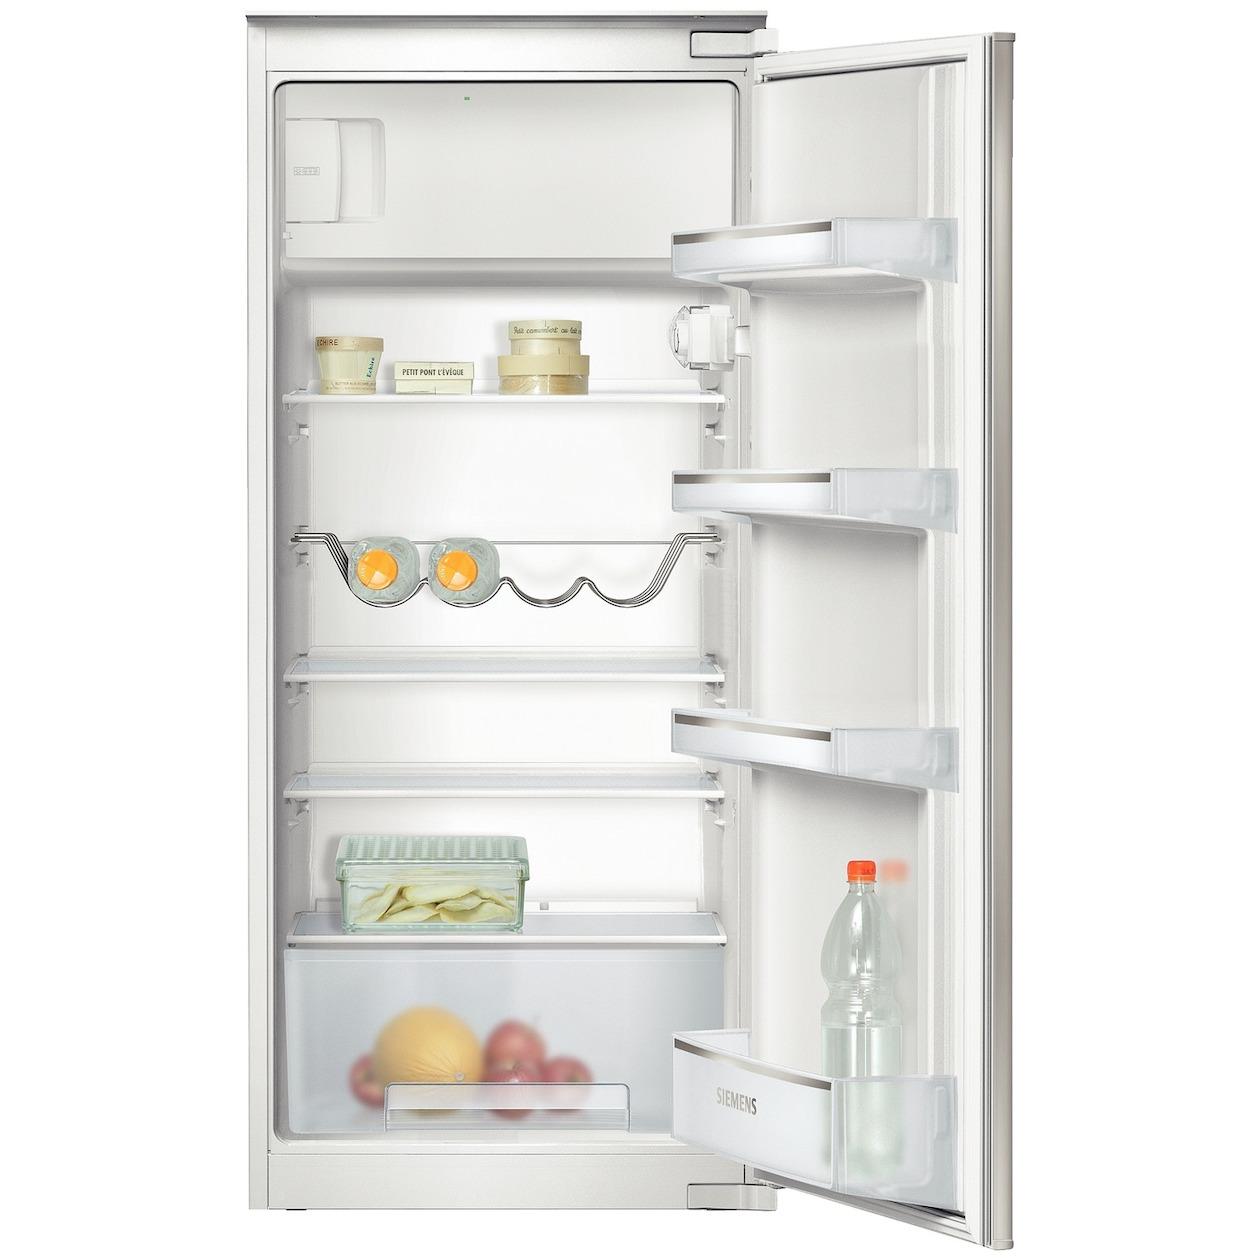 inbouw koelkasten vergelijken